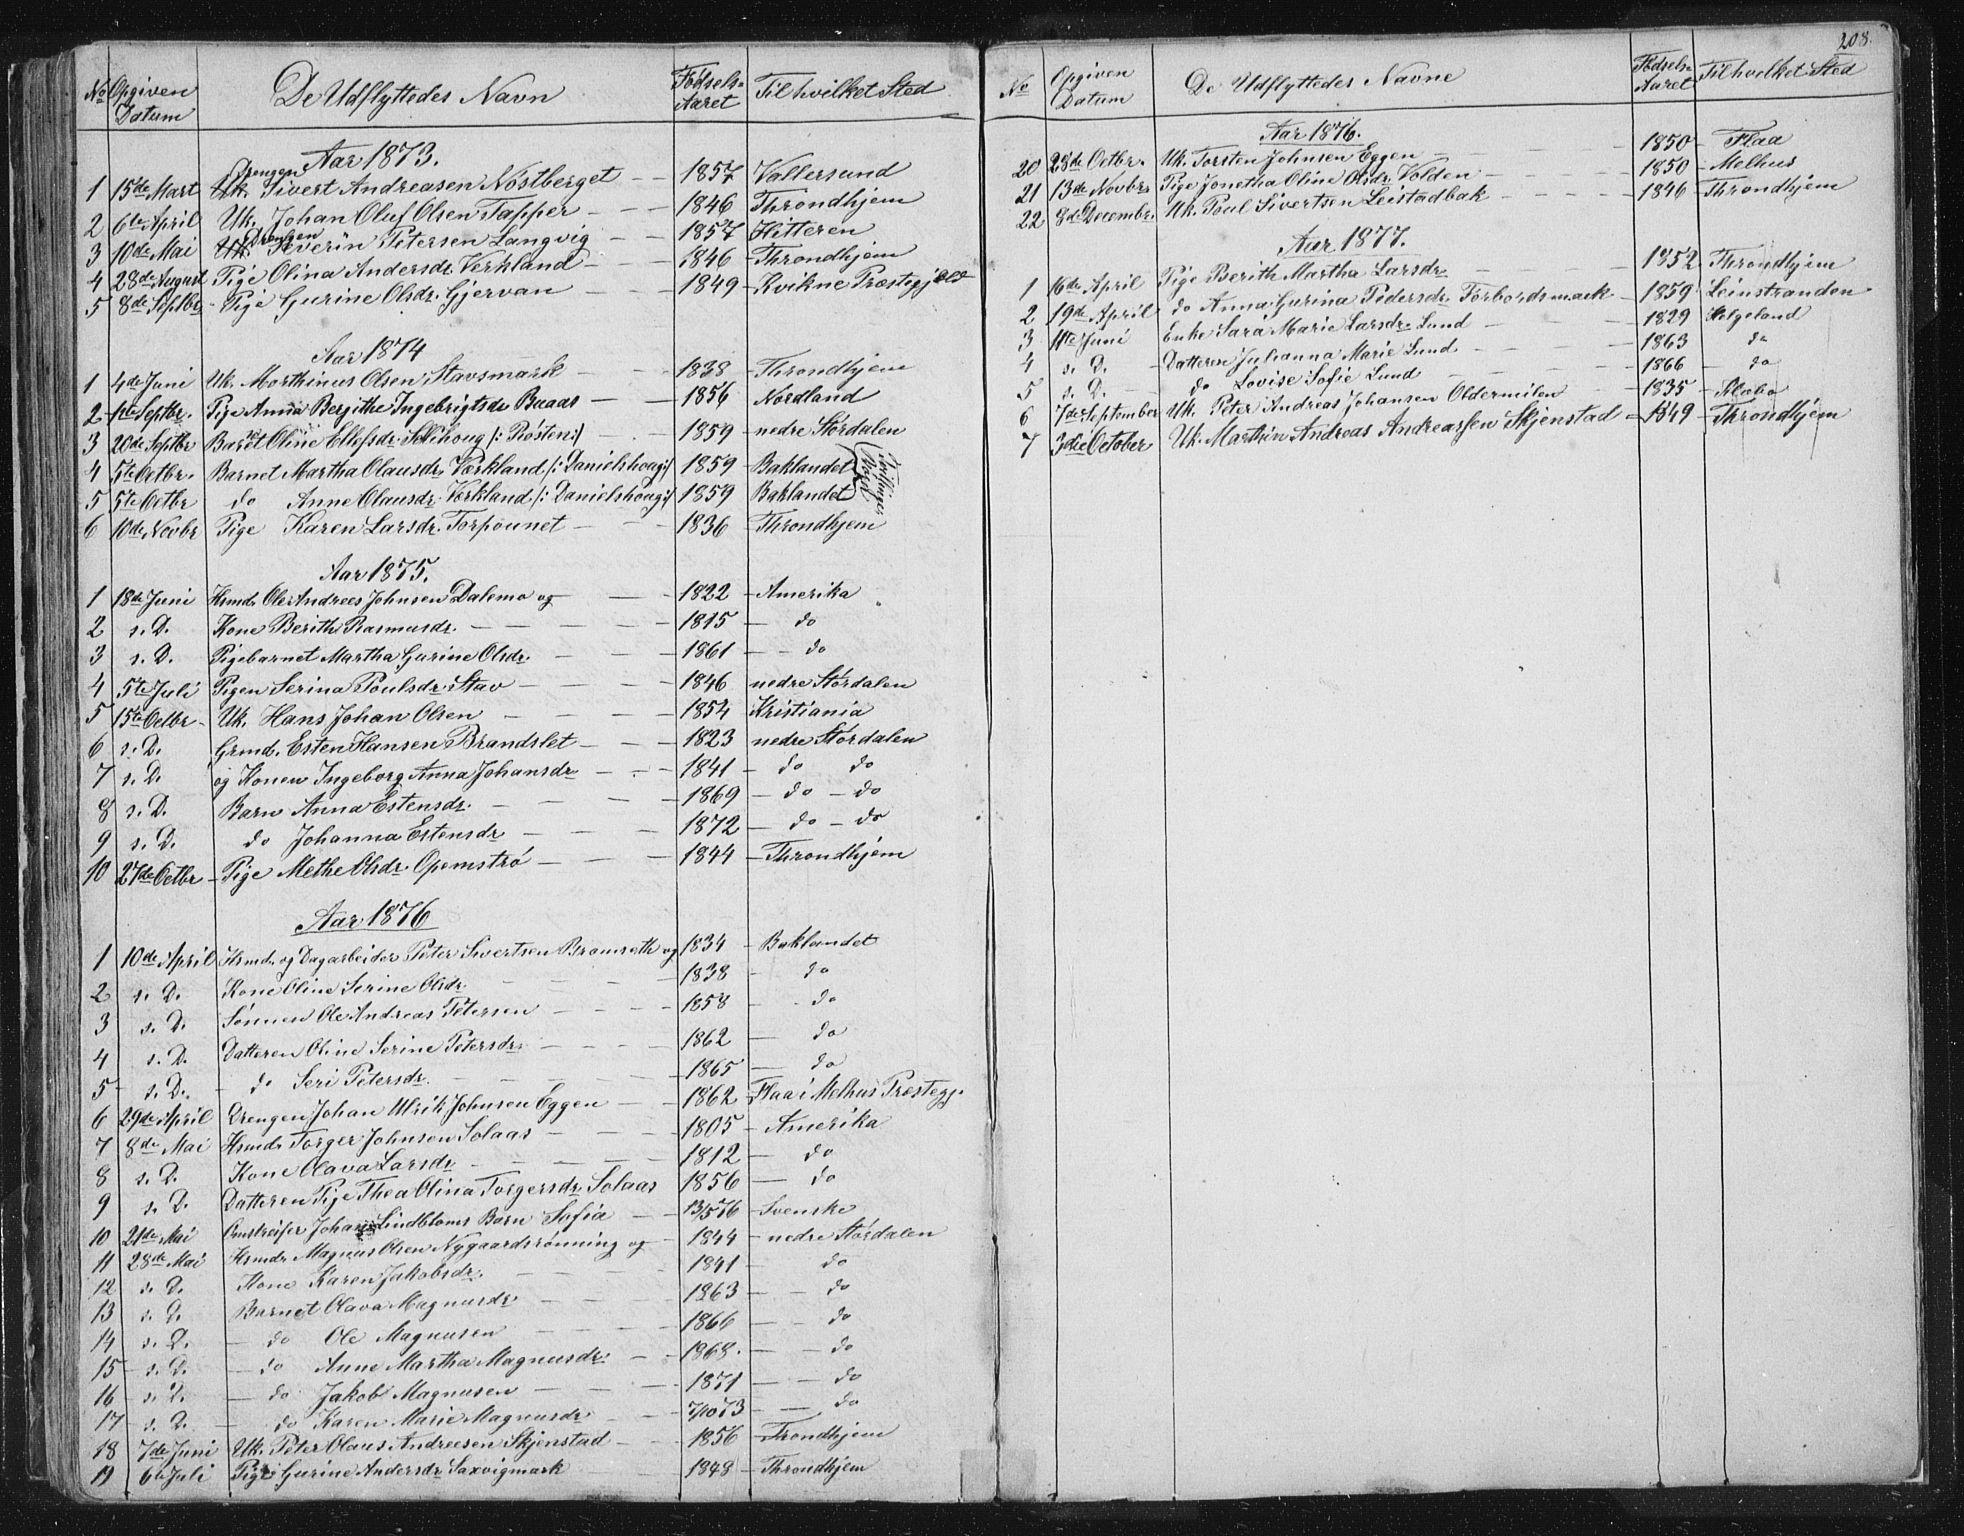 SAT, Ministerialprotokoller, klokkerbøker og fødselsregistre - Sør-Trøndelag, 616/L0406: Ministerialbok nr. 616A03, 1843-1879, s. 208